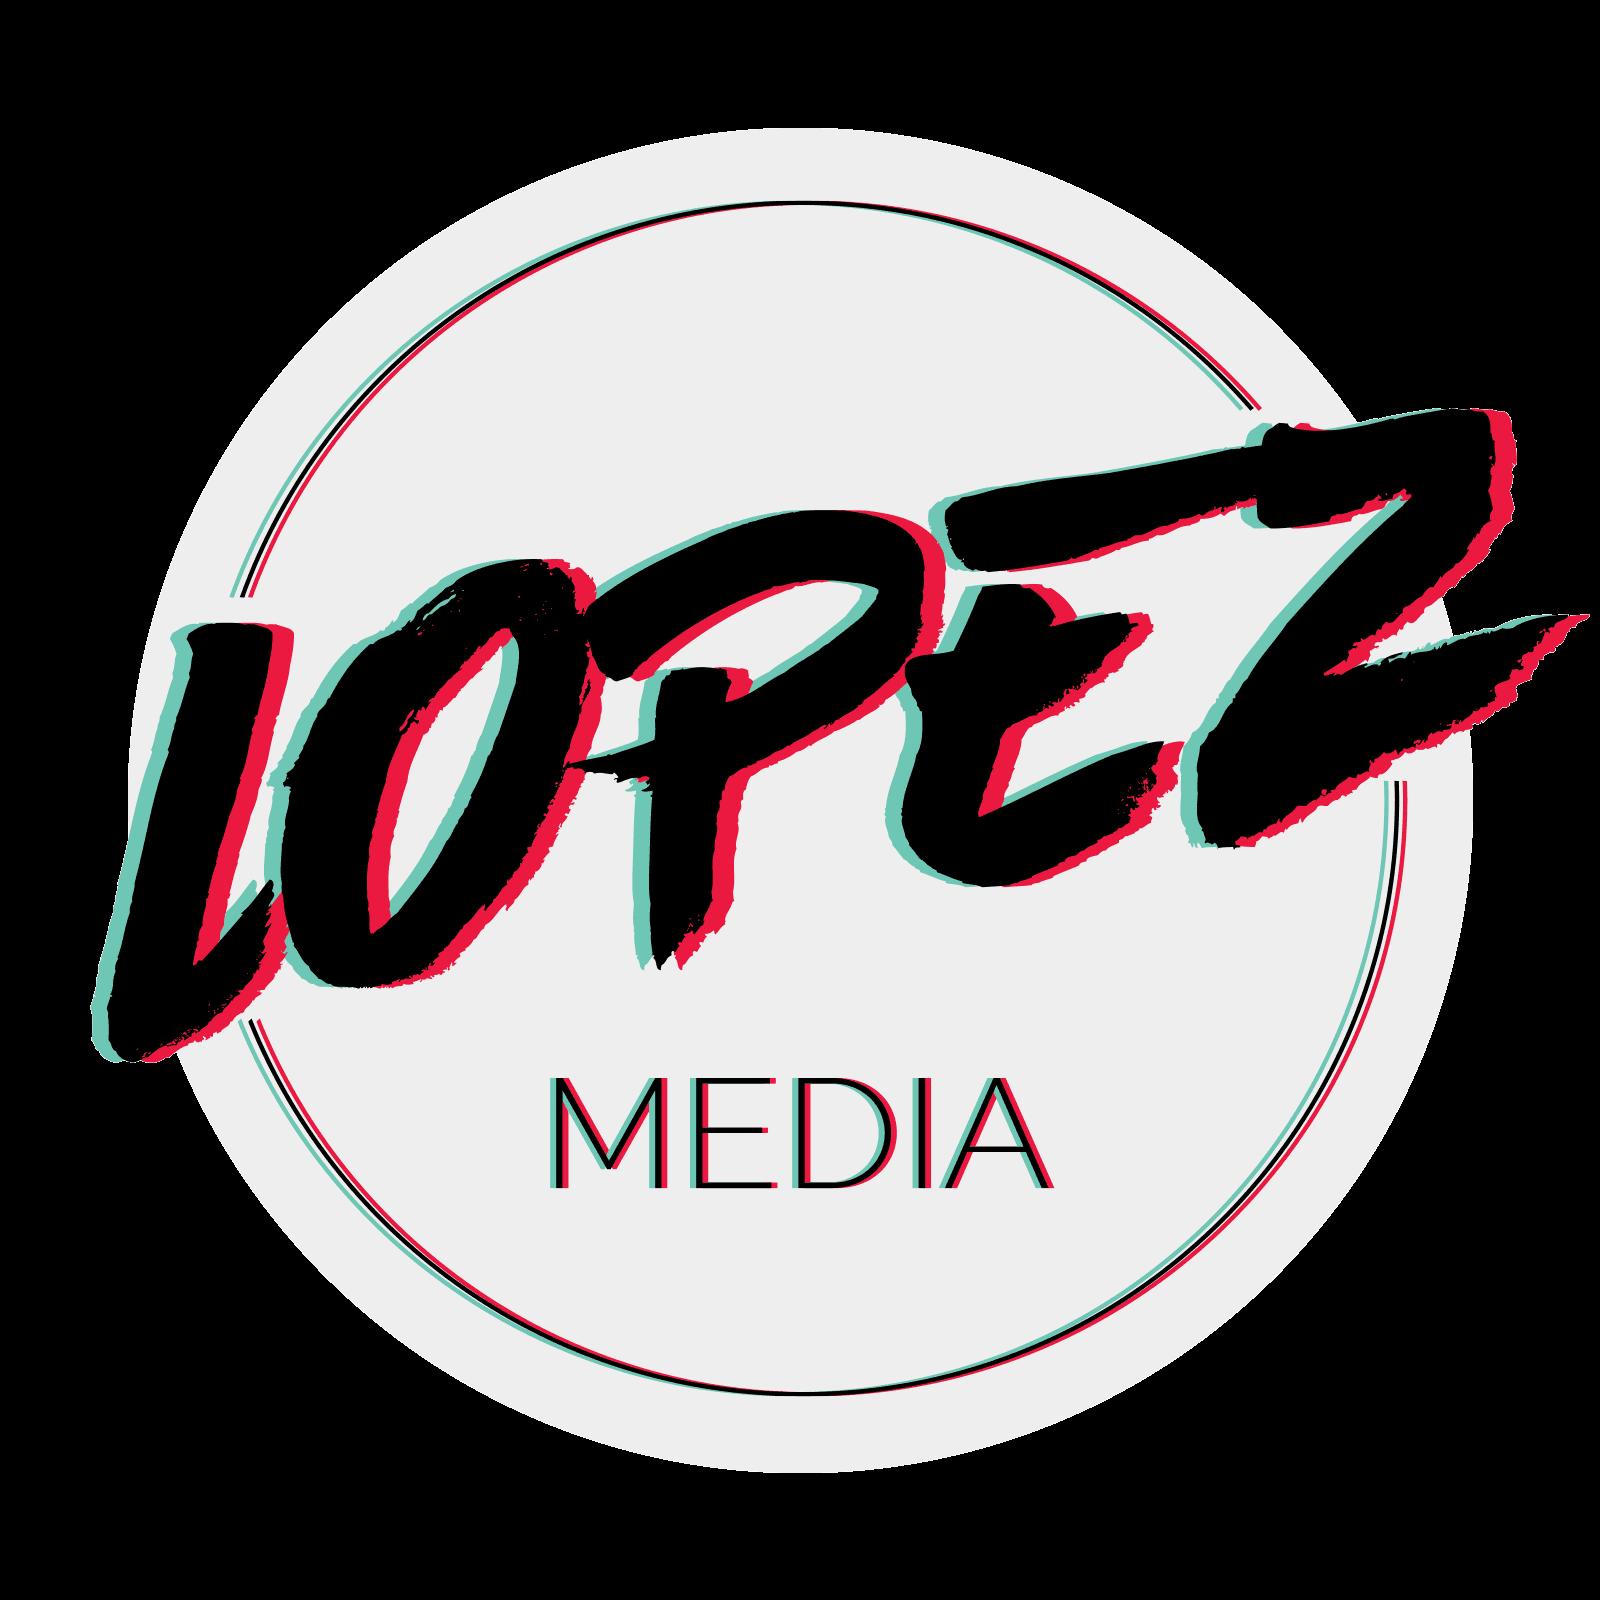 Lopez Media